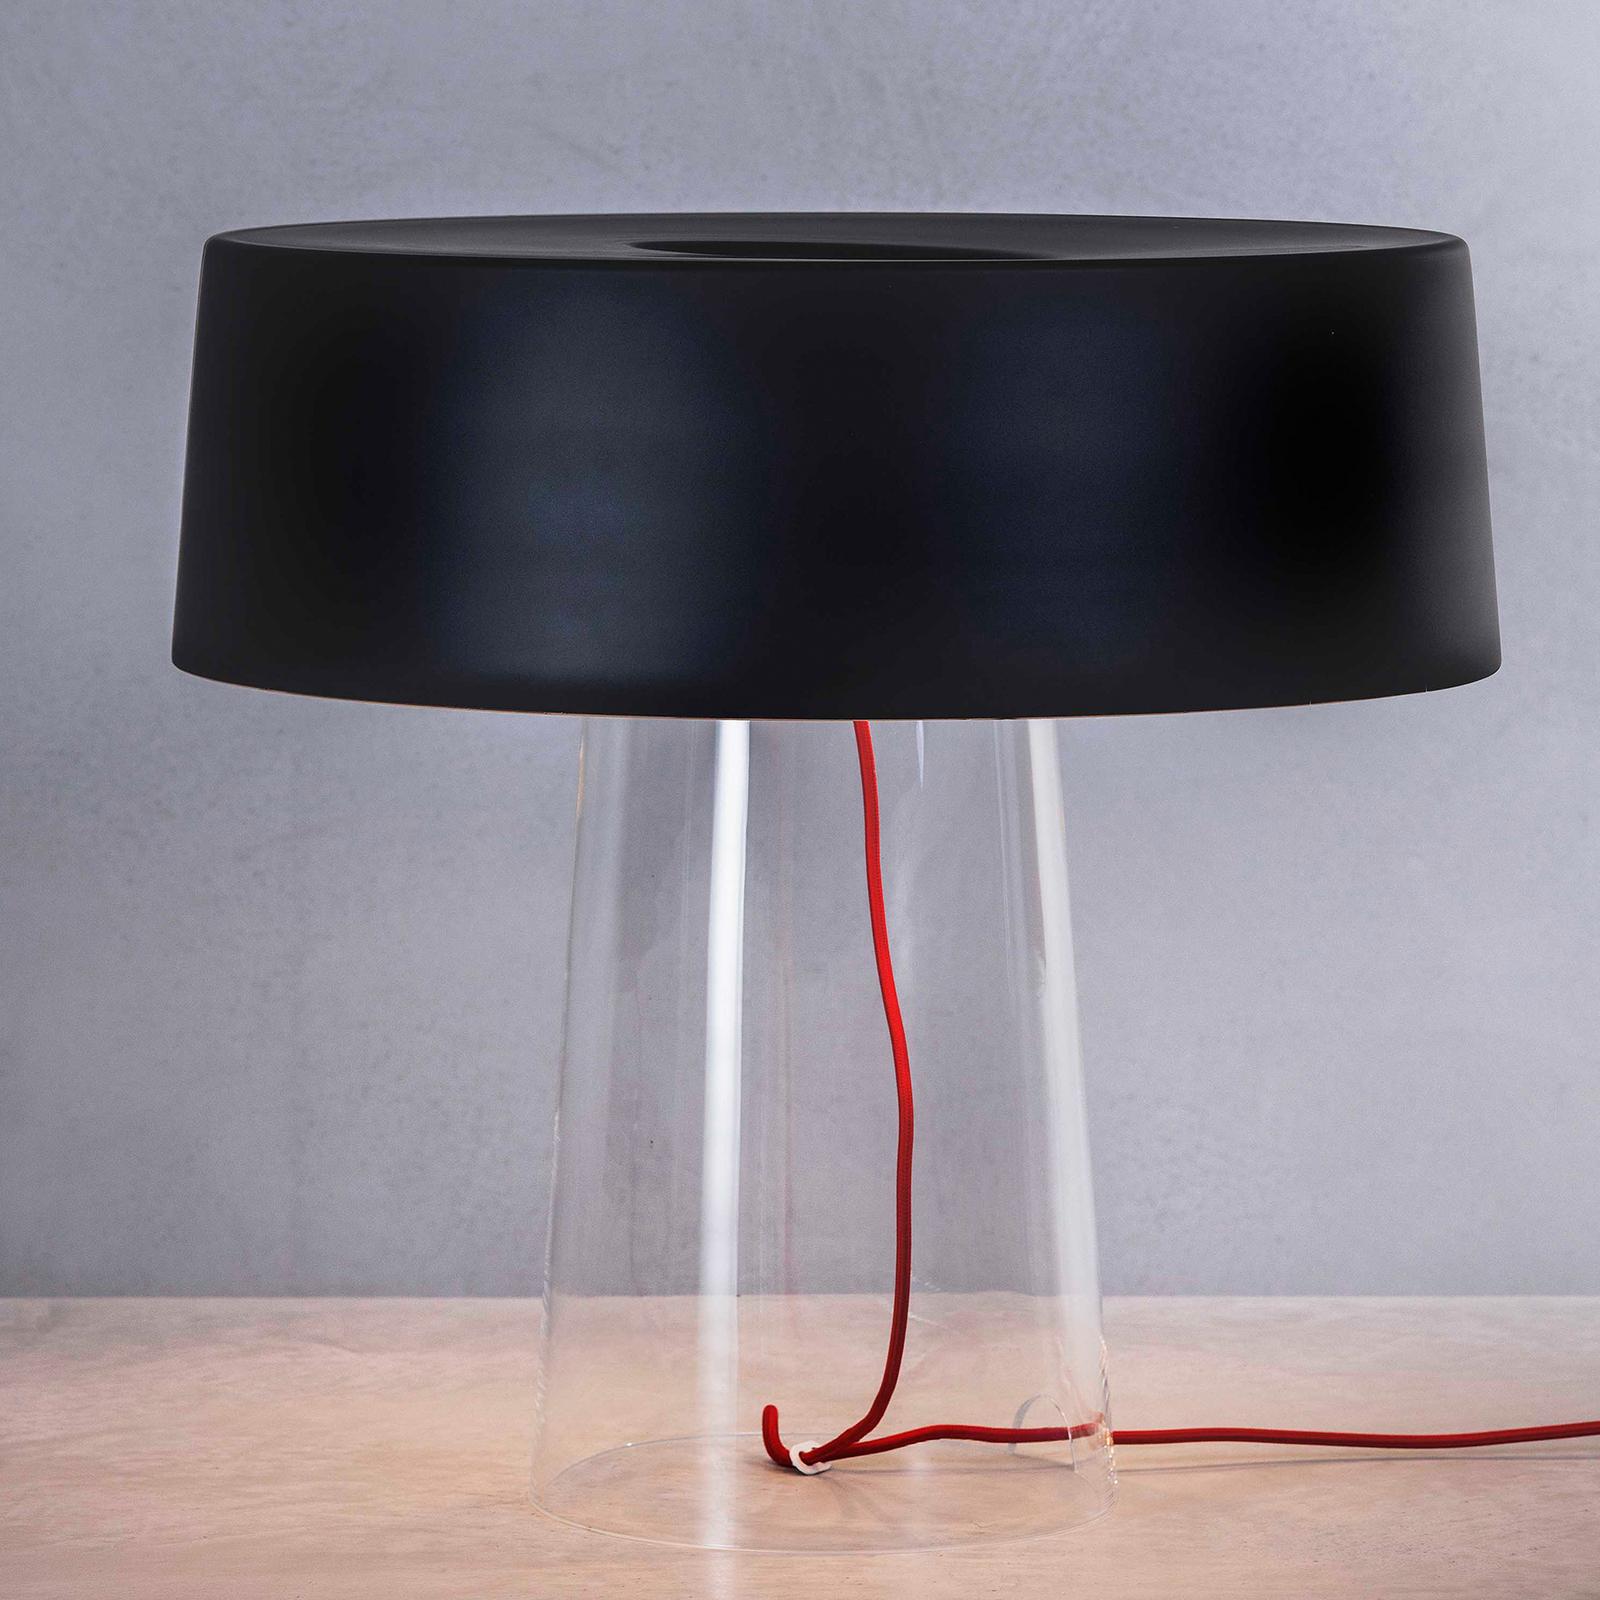 Prandina Glam pöytälamppu 48 cm musta